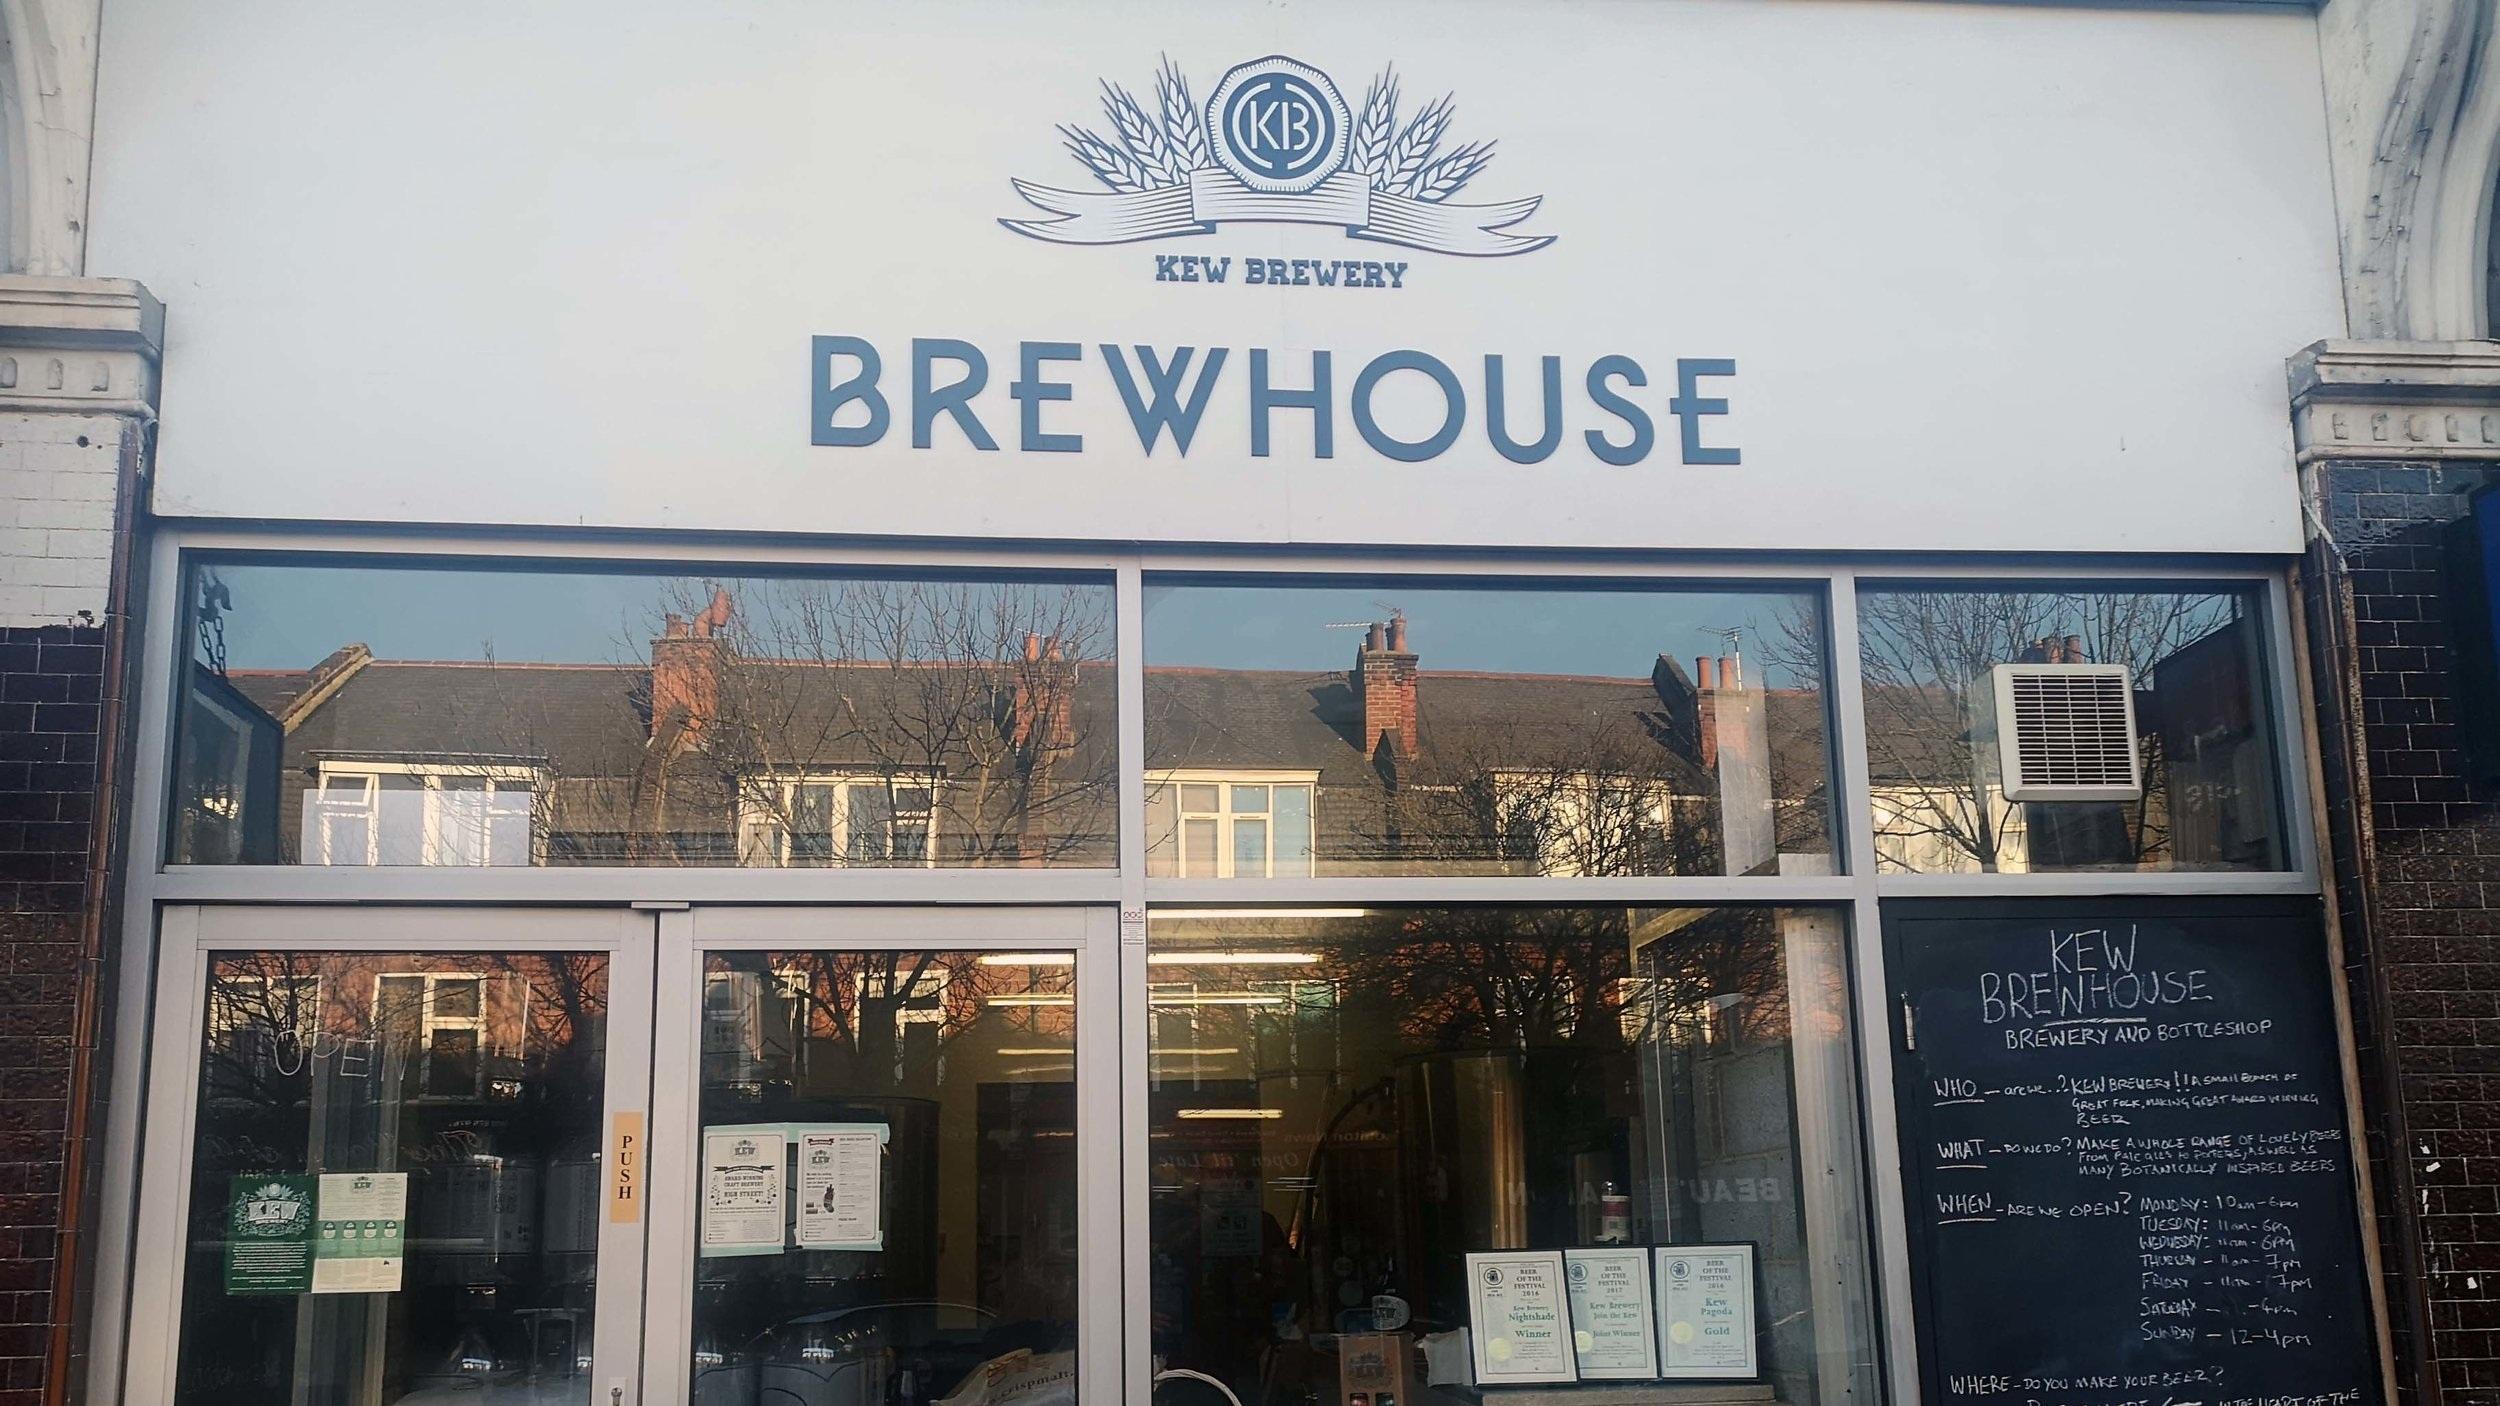 kew-brewery-tap-room